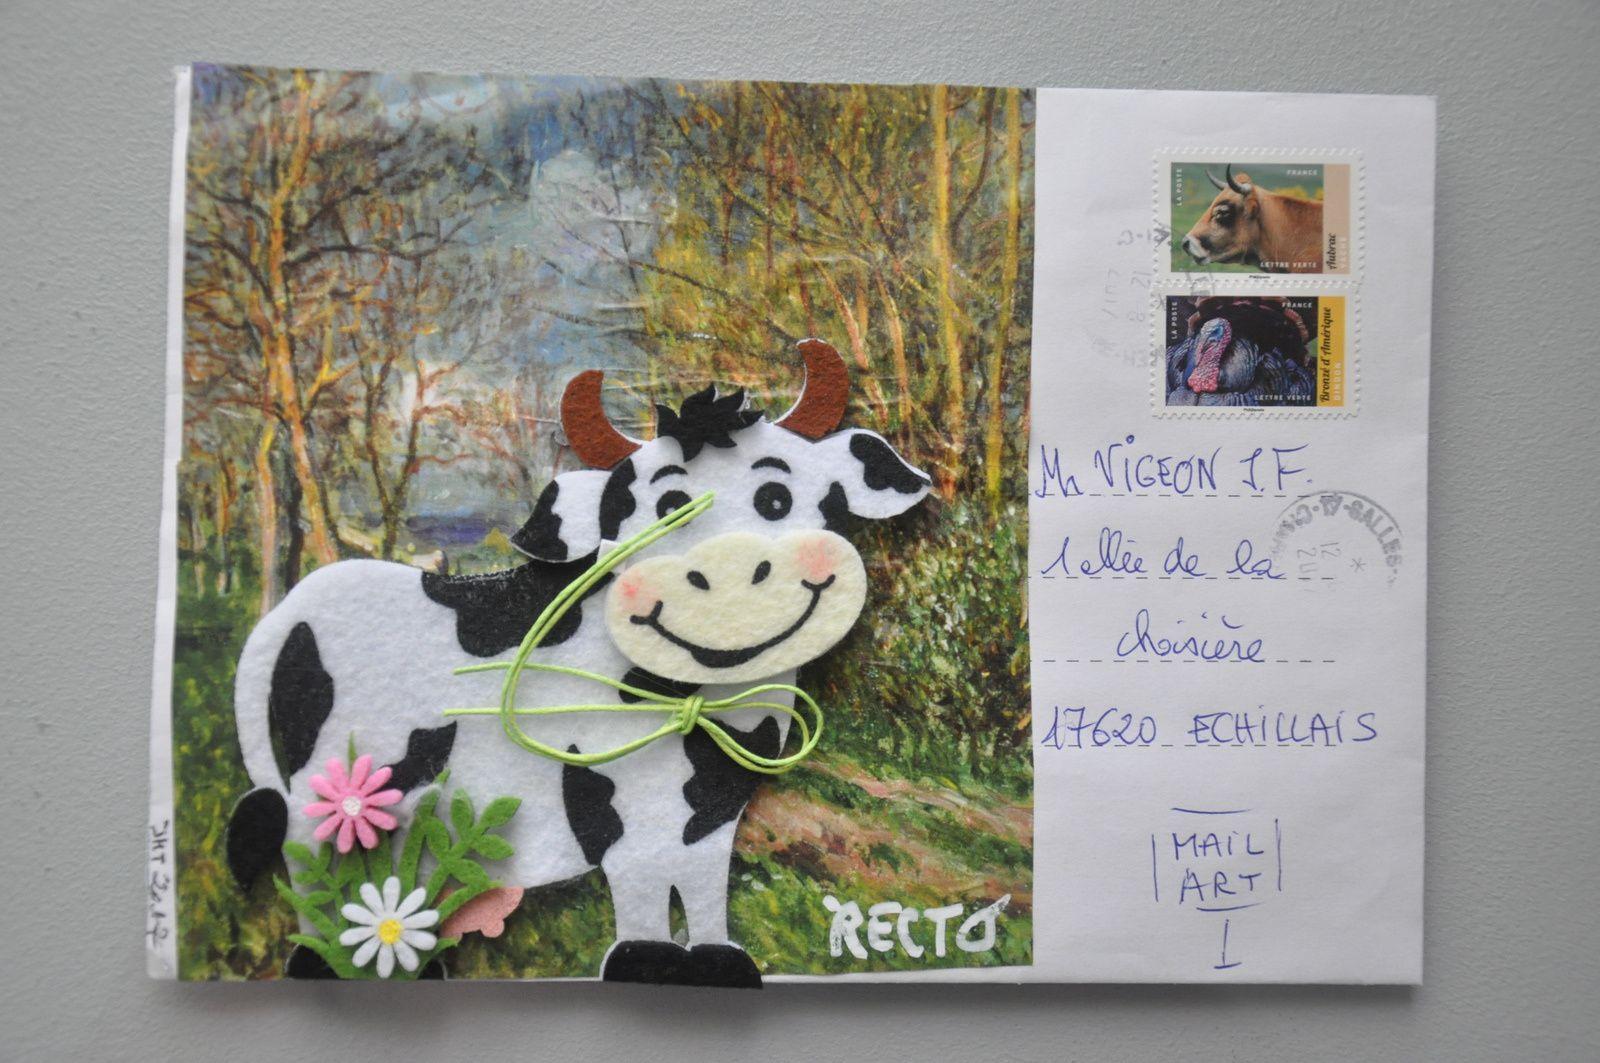 """Merci beaucoup à Jean-Michel Trouche qui malgré cette période estivale écrit haut et fort habilement : """"Vive l'Art Postal""""!!!!!!!!!!!!!!!!!!!!!!!!!! A noter la bienveillance de notre amie La Poste qui à enveloppé de ses soins un envoi de Jean-Michel!"""